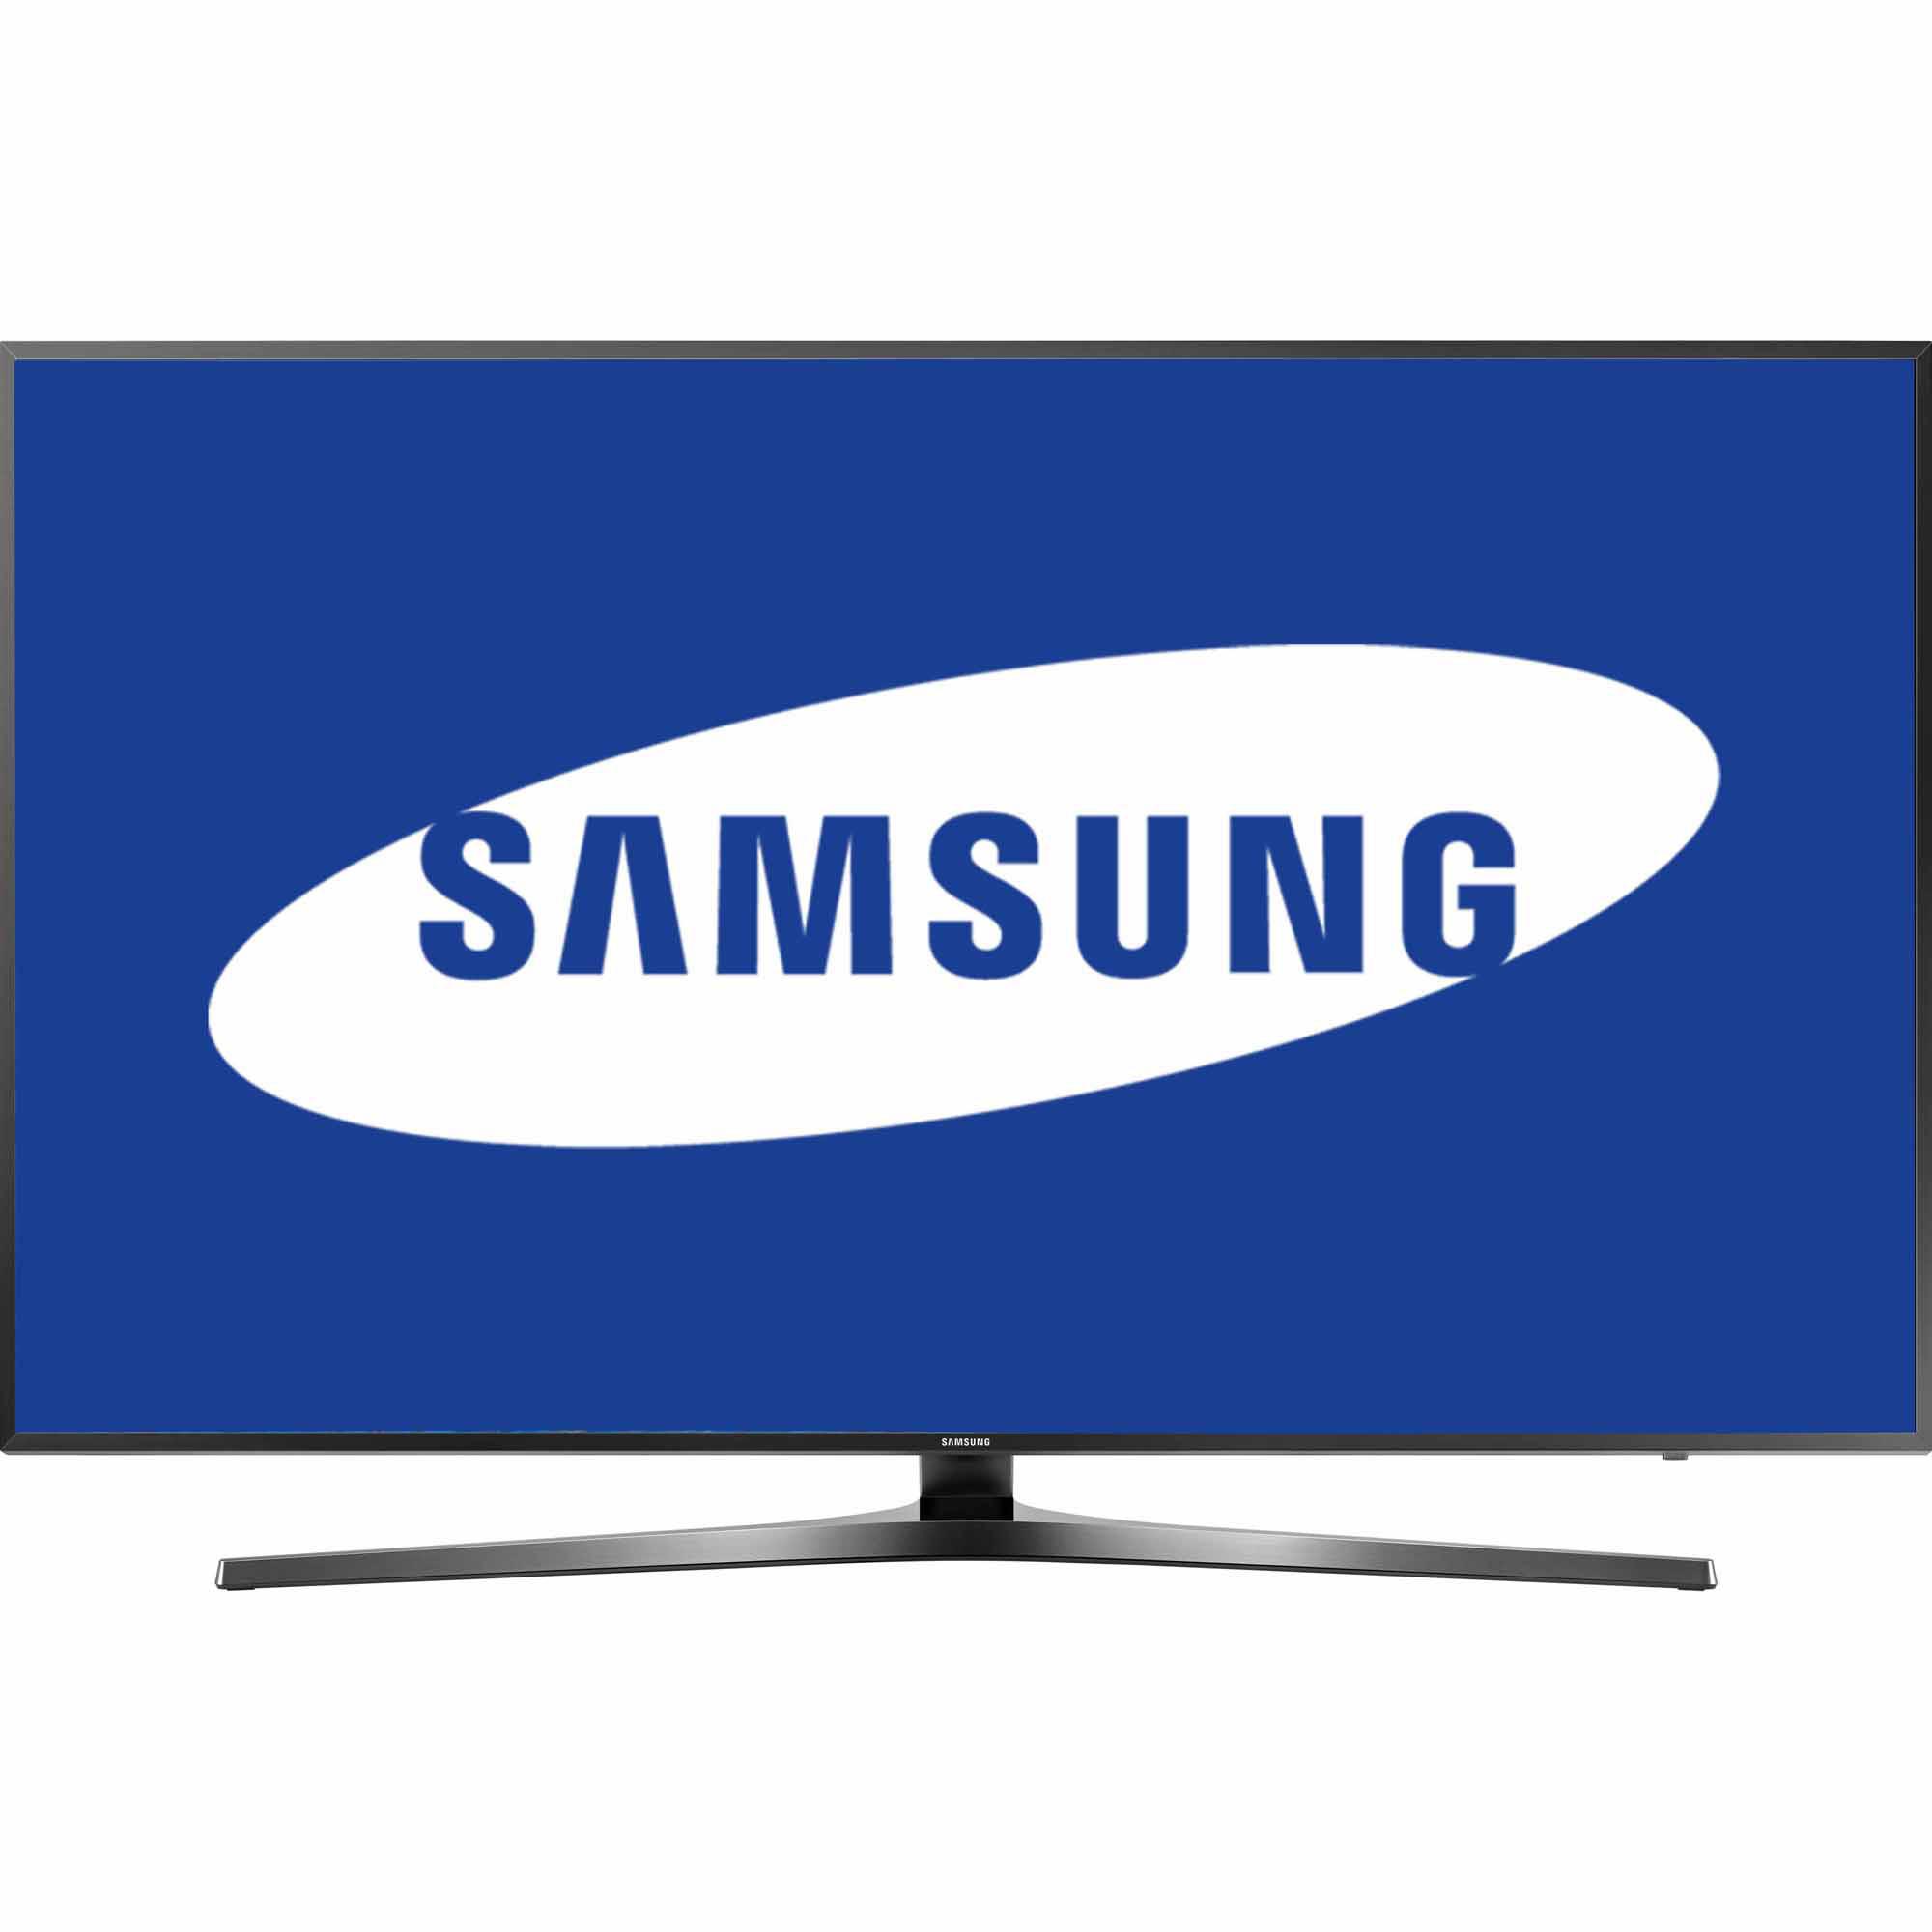 Samsung 65 Class 4K Smart Ultra Hdtv - UN65KU7000